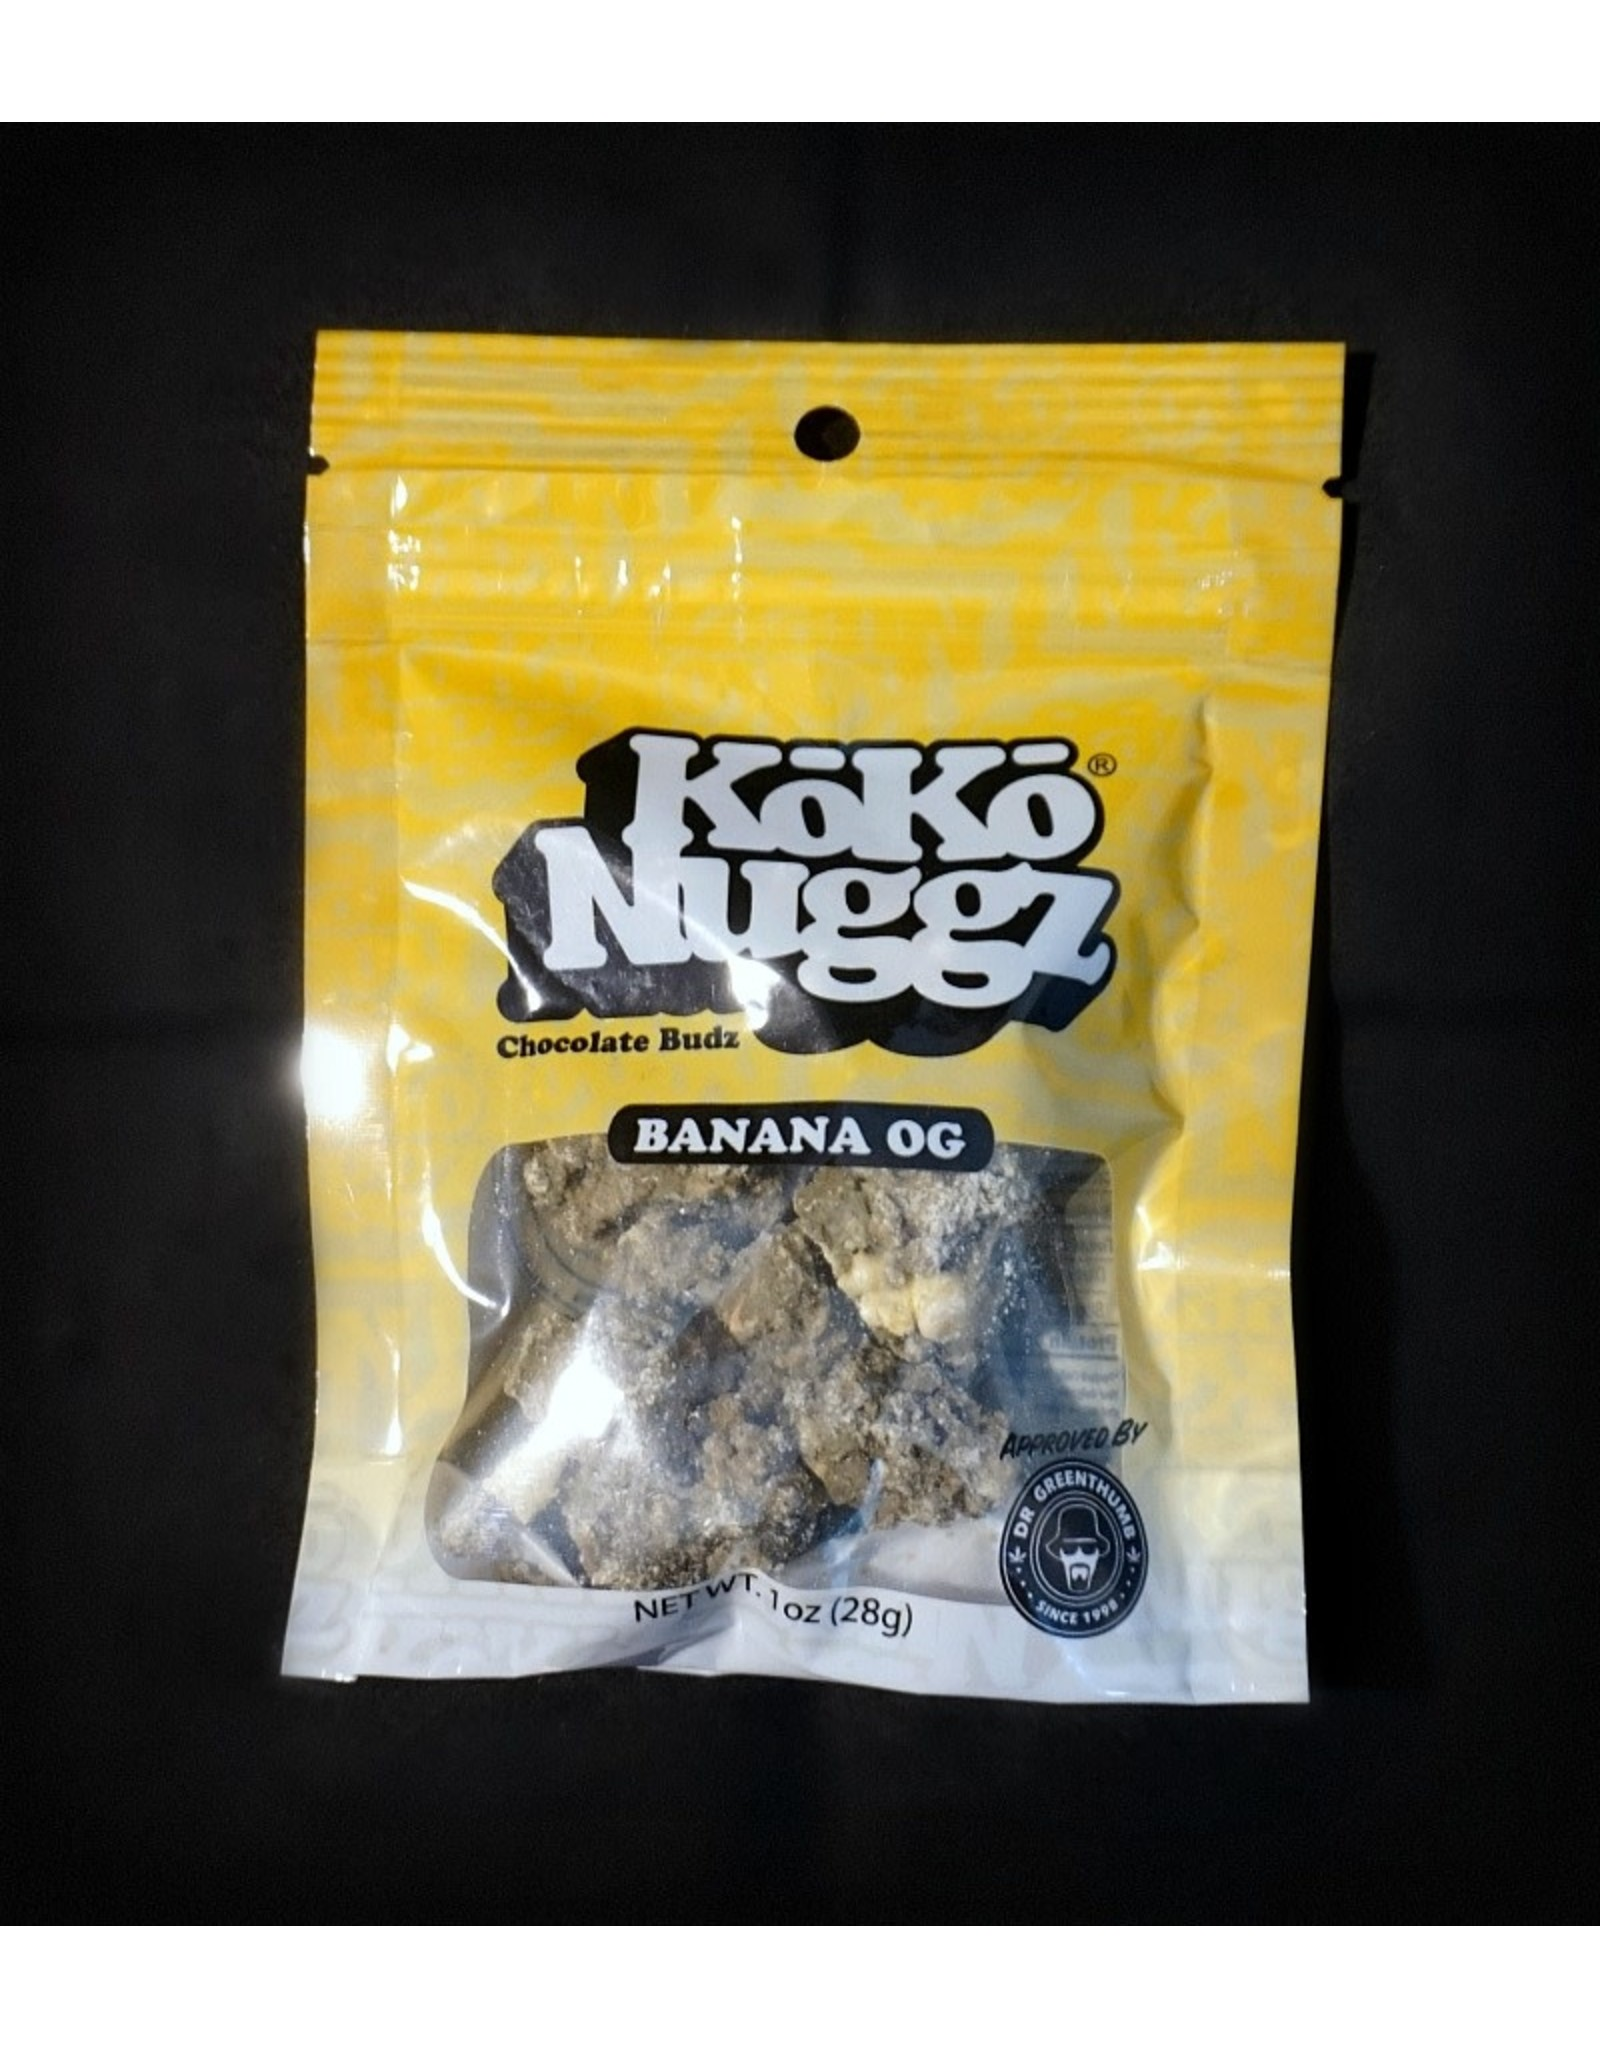 Koko Nuggz Koko Nuggz Banana OG